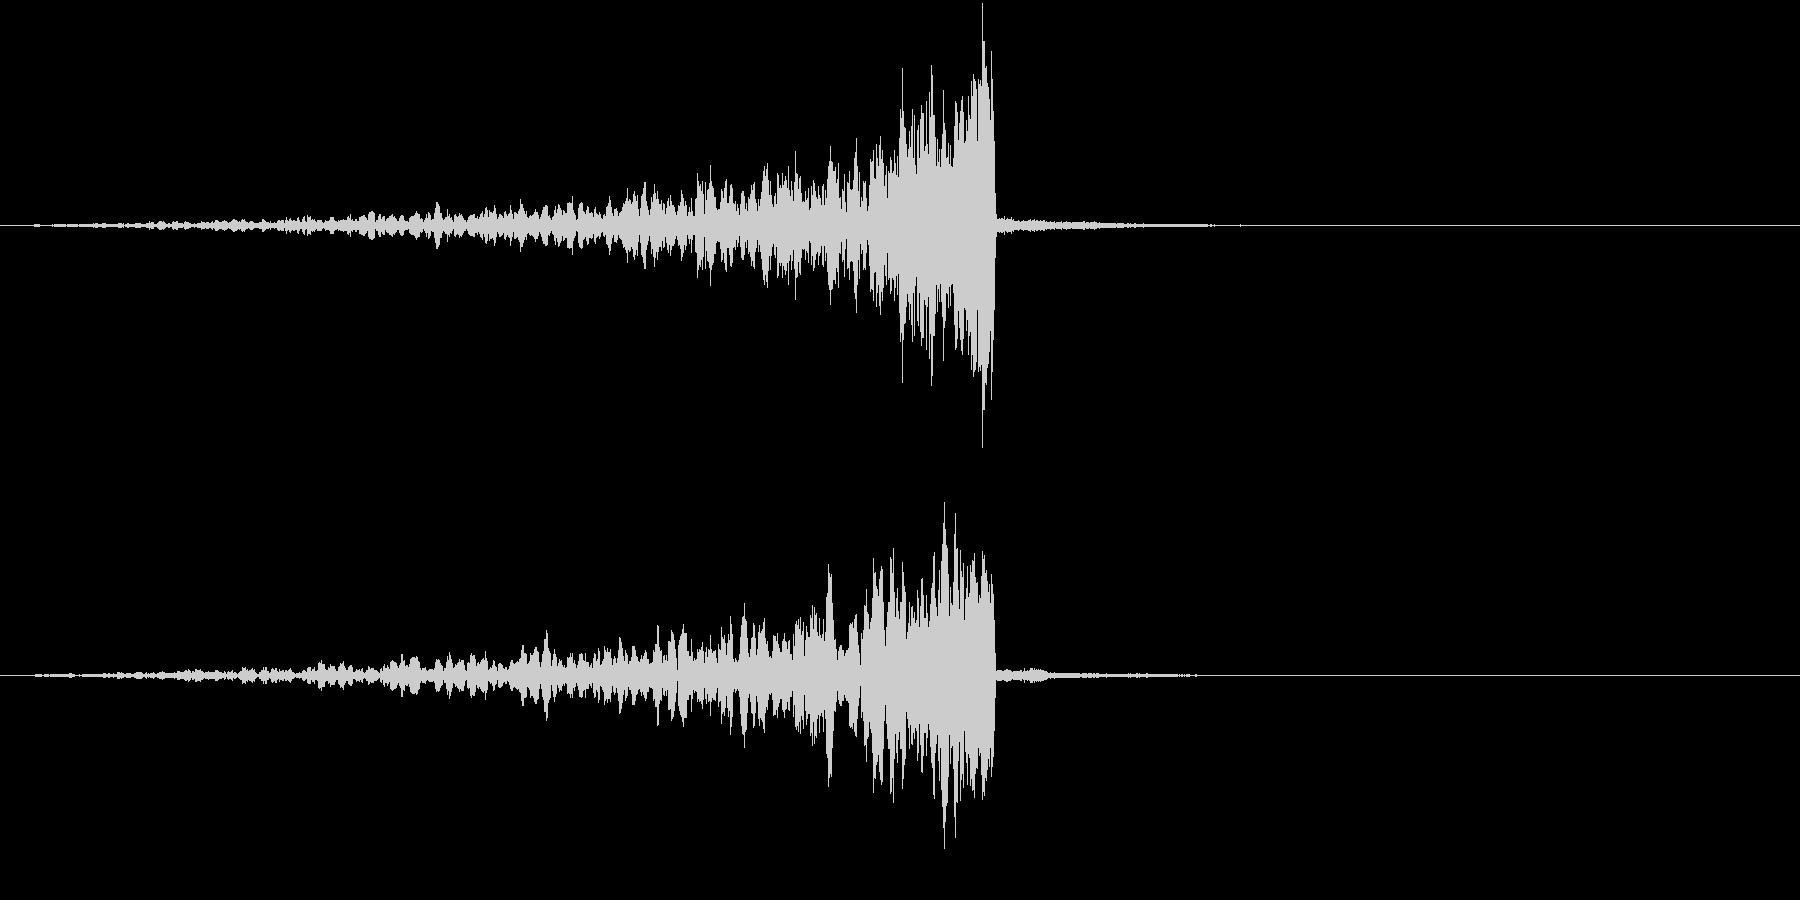 シグナルが発信されていくイメージの未再生の波形